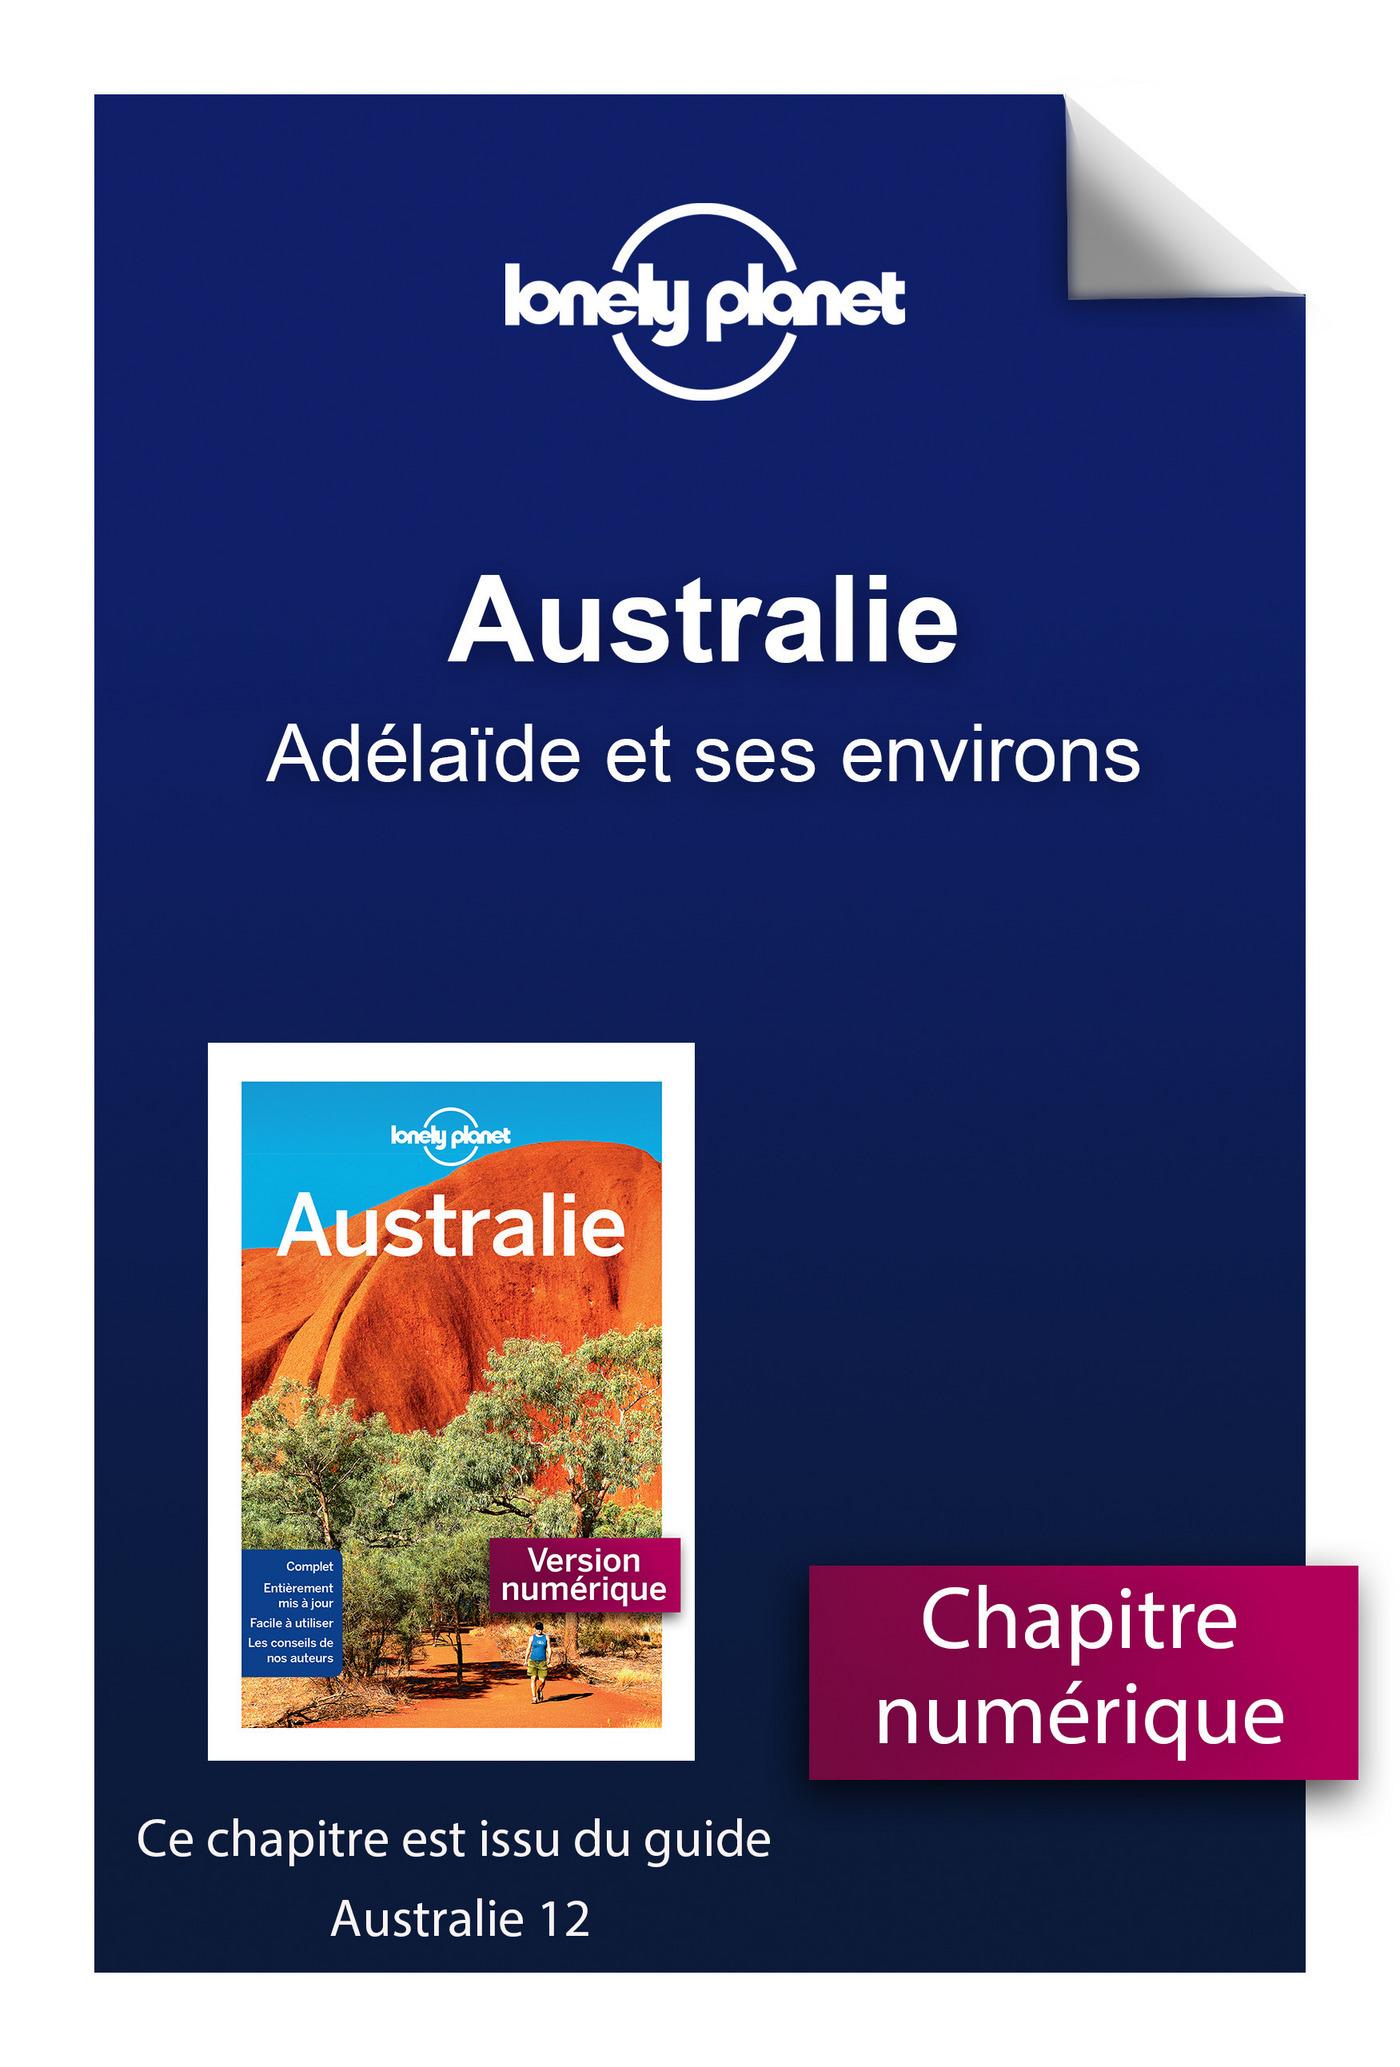 Australie - Adélaïde et ses environs